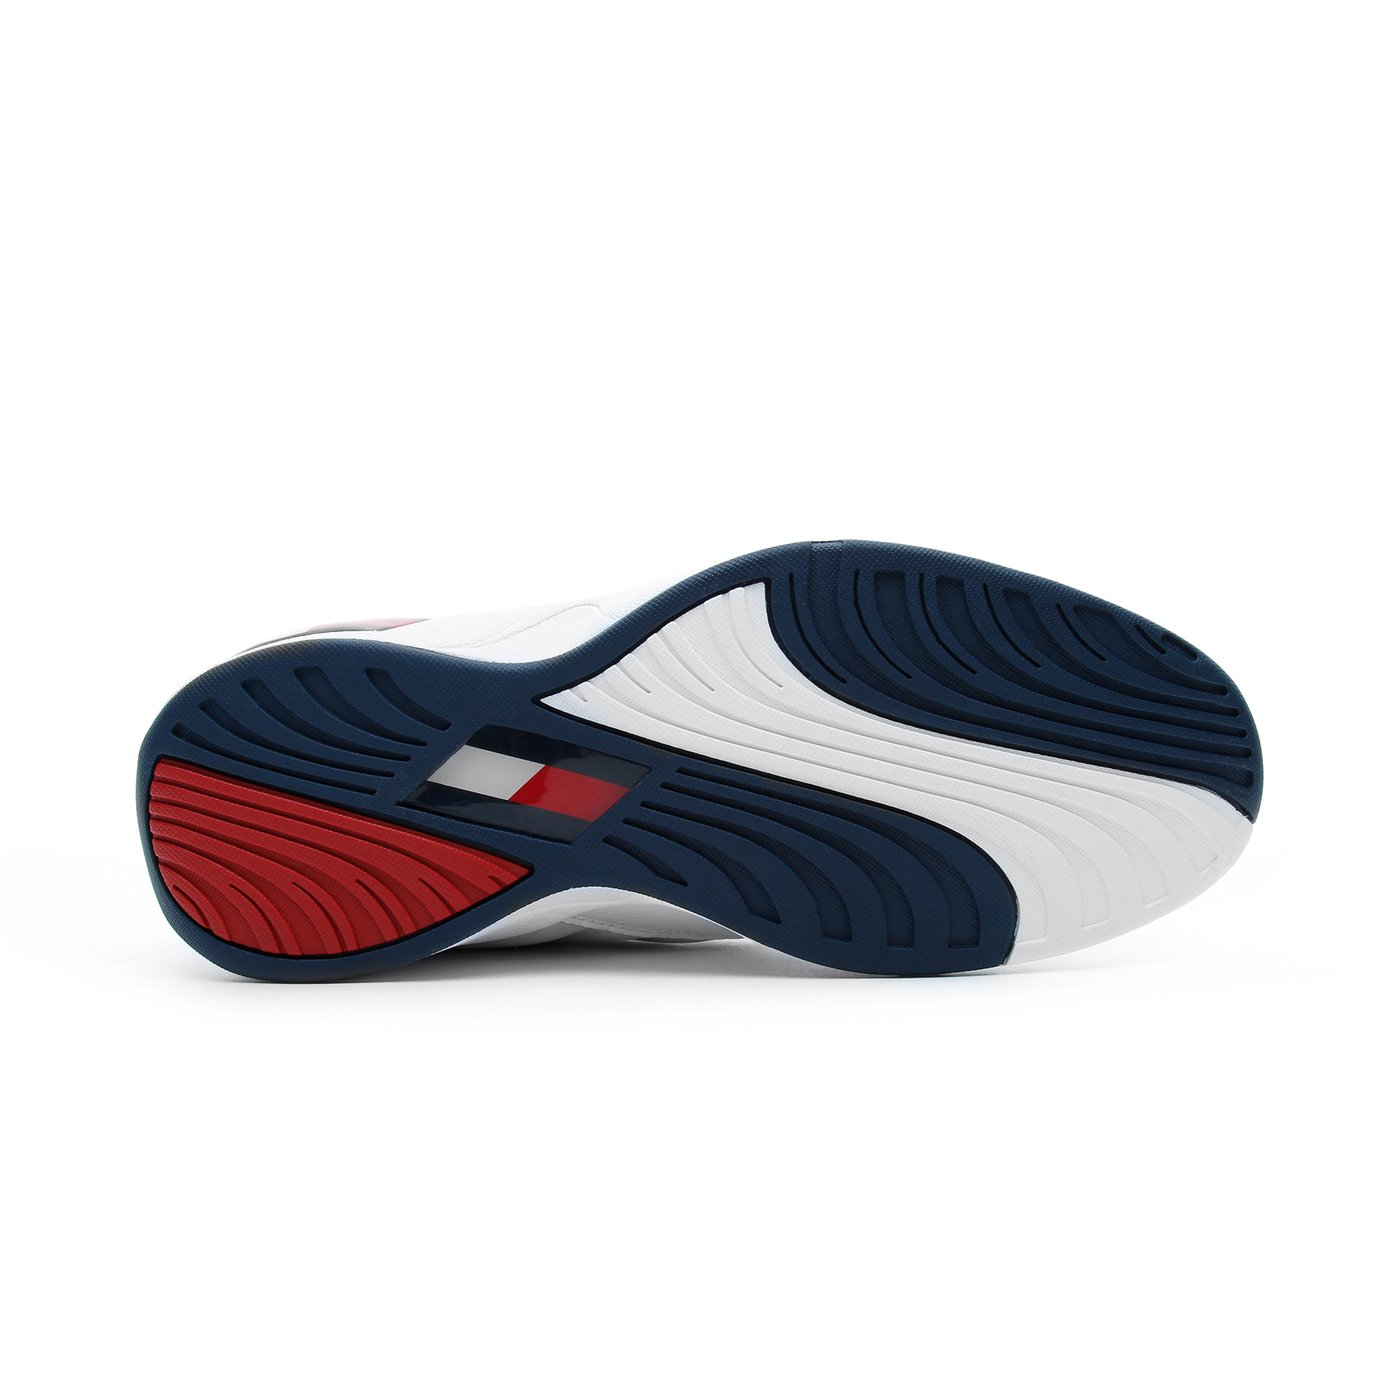 Tommy Hilfiger The Skew Heritage Erkek Beyaz-Lacivert Spor Ayakkabı